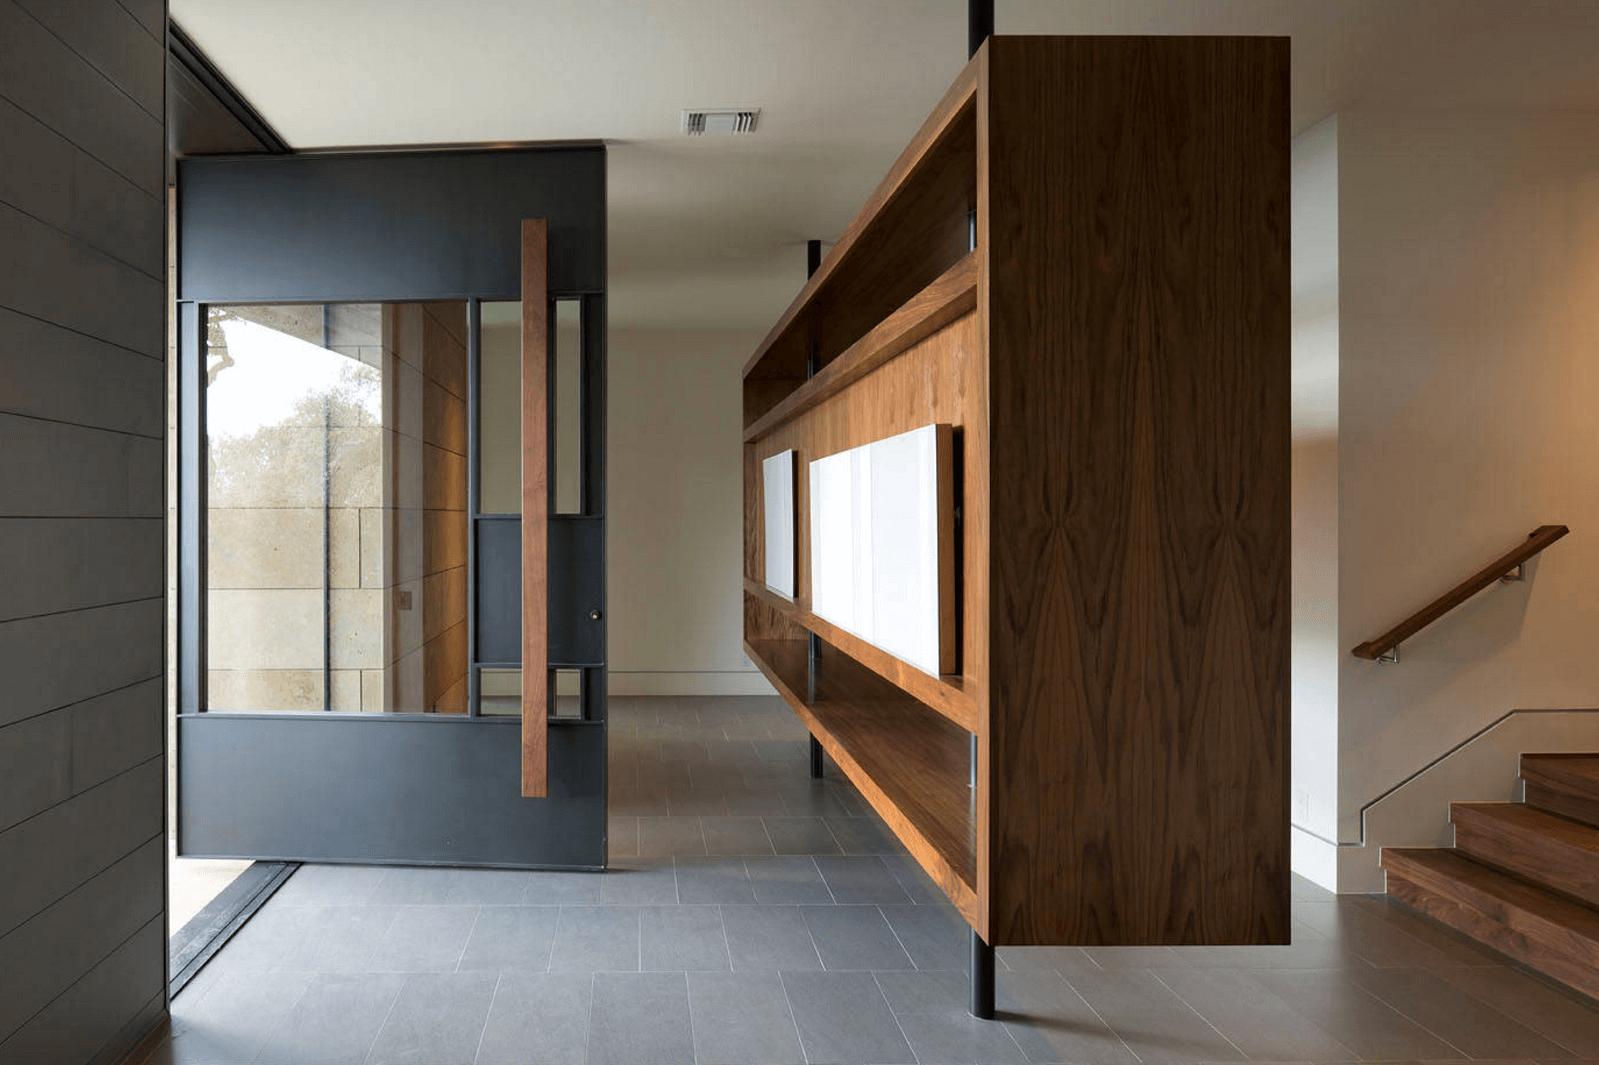 25 Examples Of Minimalism In Interior Design 1 2